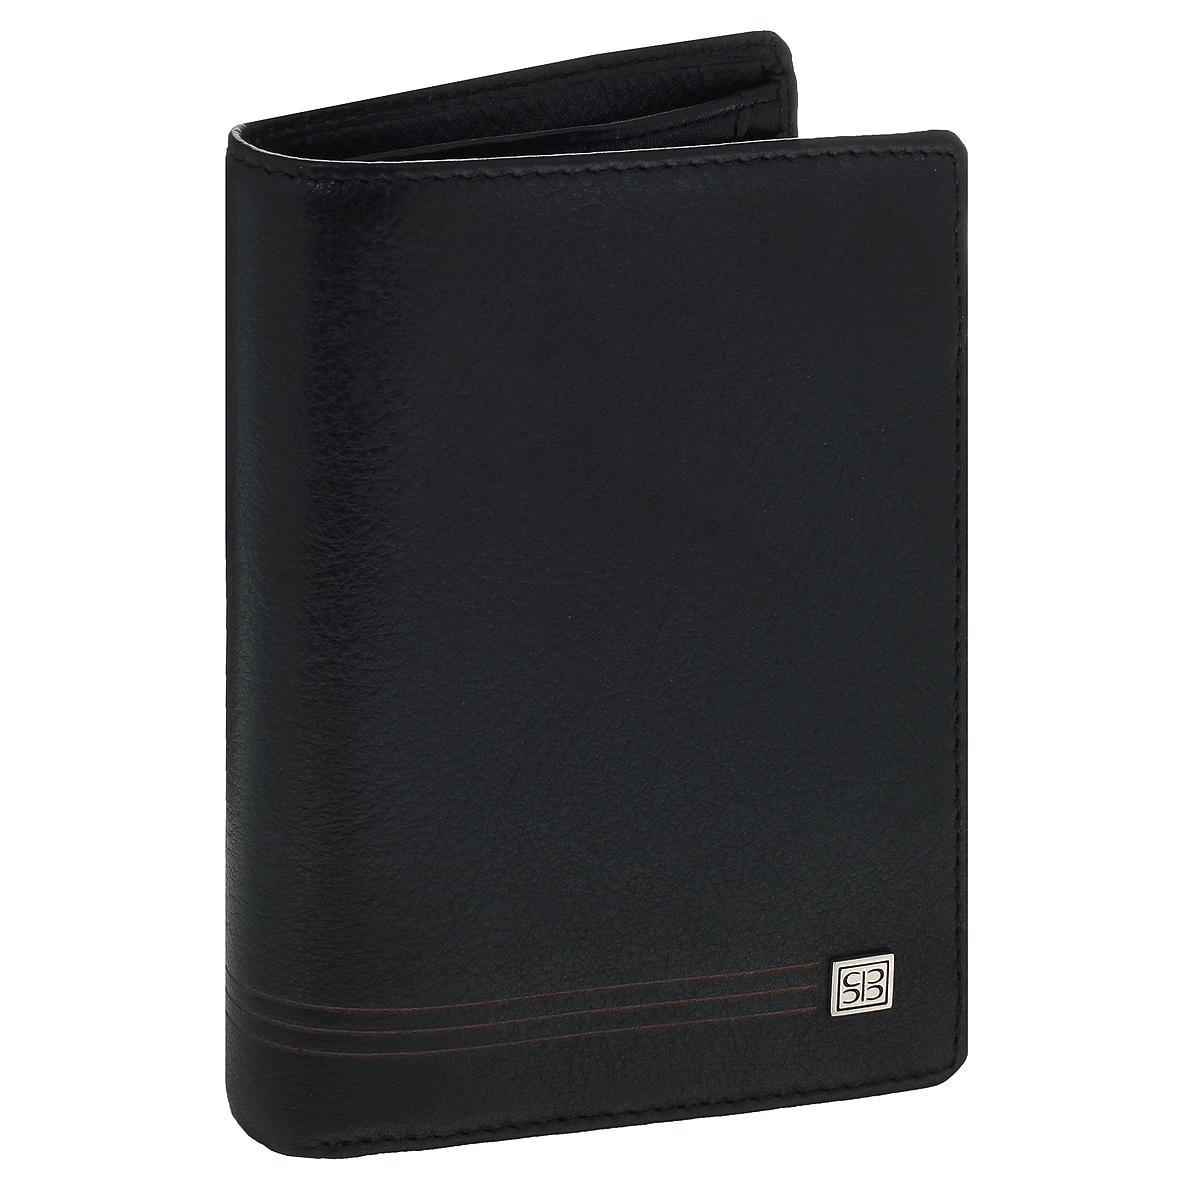 Портмоне Sergio Belotti, цвет: черный. 1422BM8434-58AEВертикальное портмоне Sergio Belotti выполнено из высококачественной натуральной кожи.Внутри два отделения для купюр, отделение для мелочи, закрывающееся клапаном на застежке-кнопке, шесть кармашков для пластиковых карт, один кармашек сеточкой, пять потайных кармашков для документов (один из них закрывается на молнию).Изделие упаковано в коробку из плотного картона с логотипом фирмы.Это классическое портмоне непременно подойдет к вашему образу и порадует простотой, стилем и функциональностью.